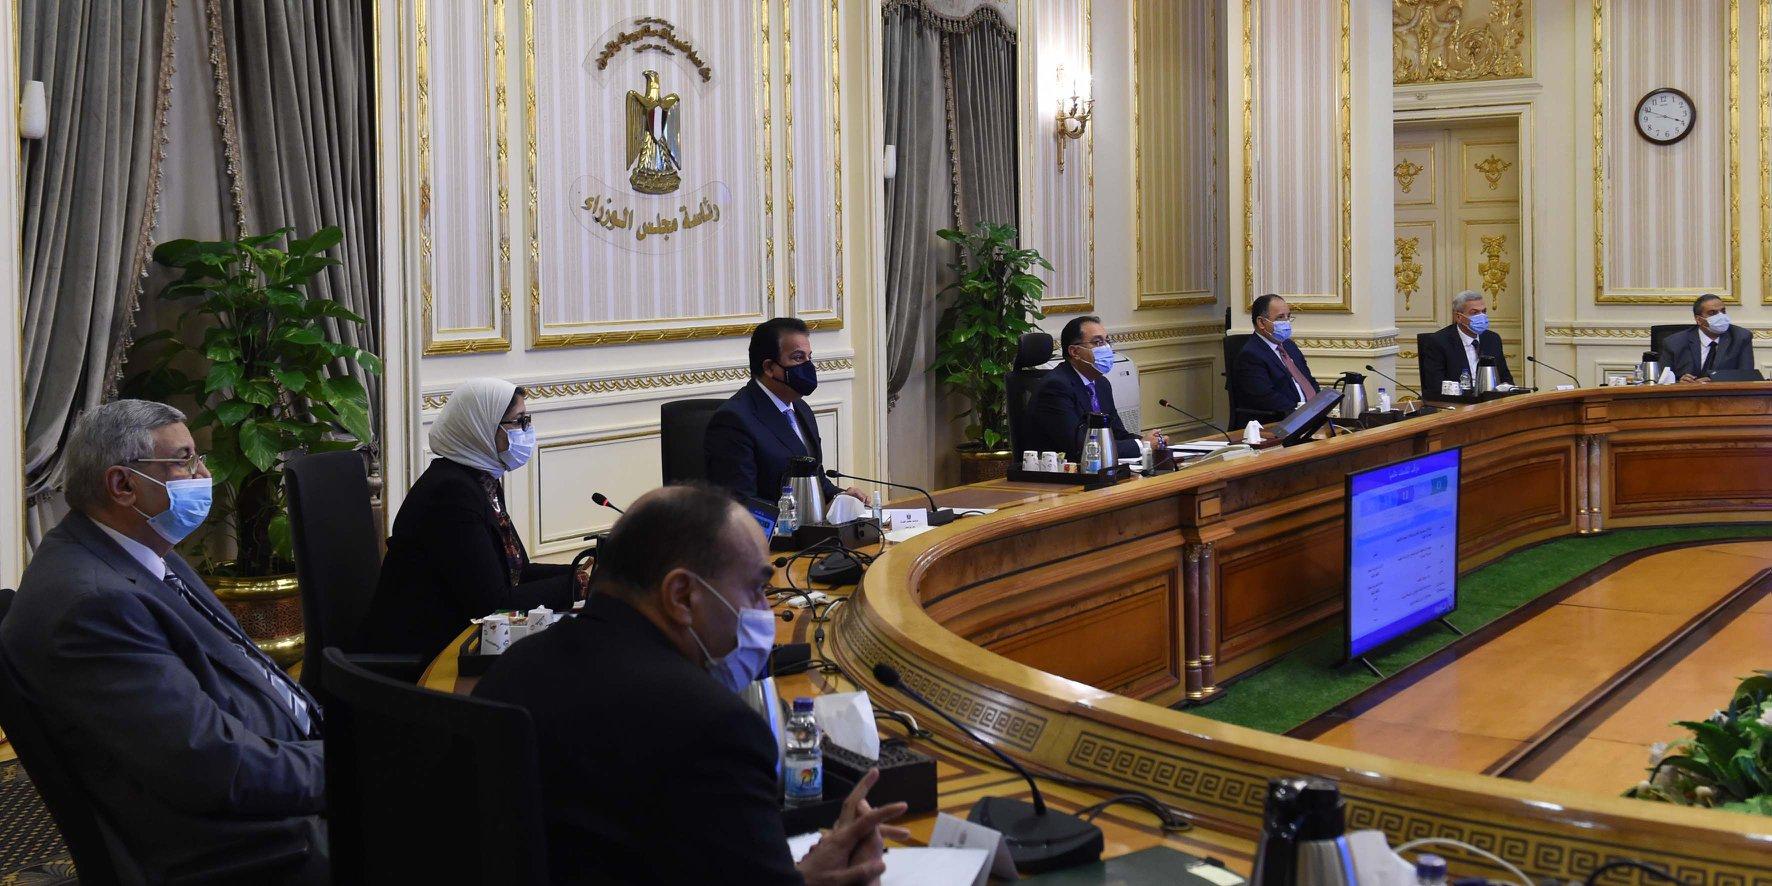 رئيس الوزراء يترأس اجتماع اللجنة الطبية لمناقشة تطورات إعلان نتائج لقاحات فيروس كورونا